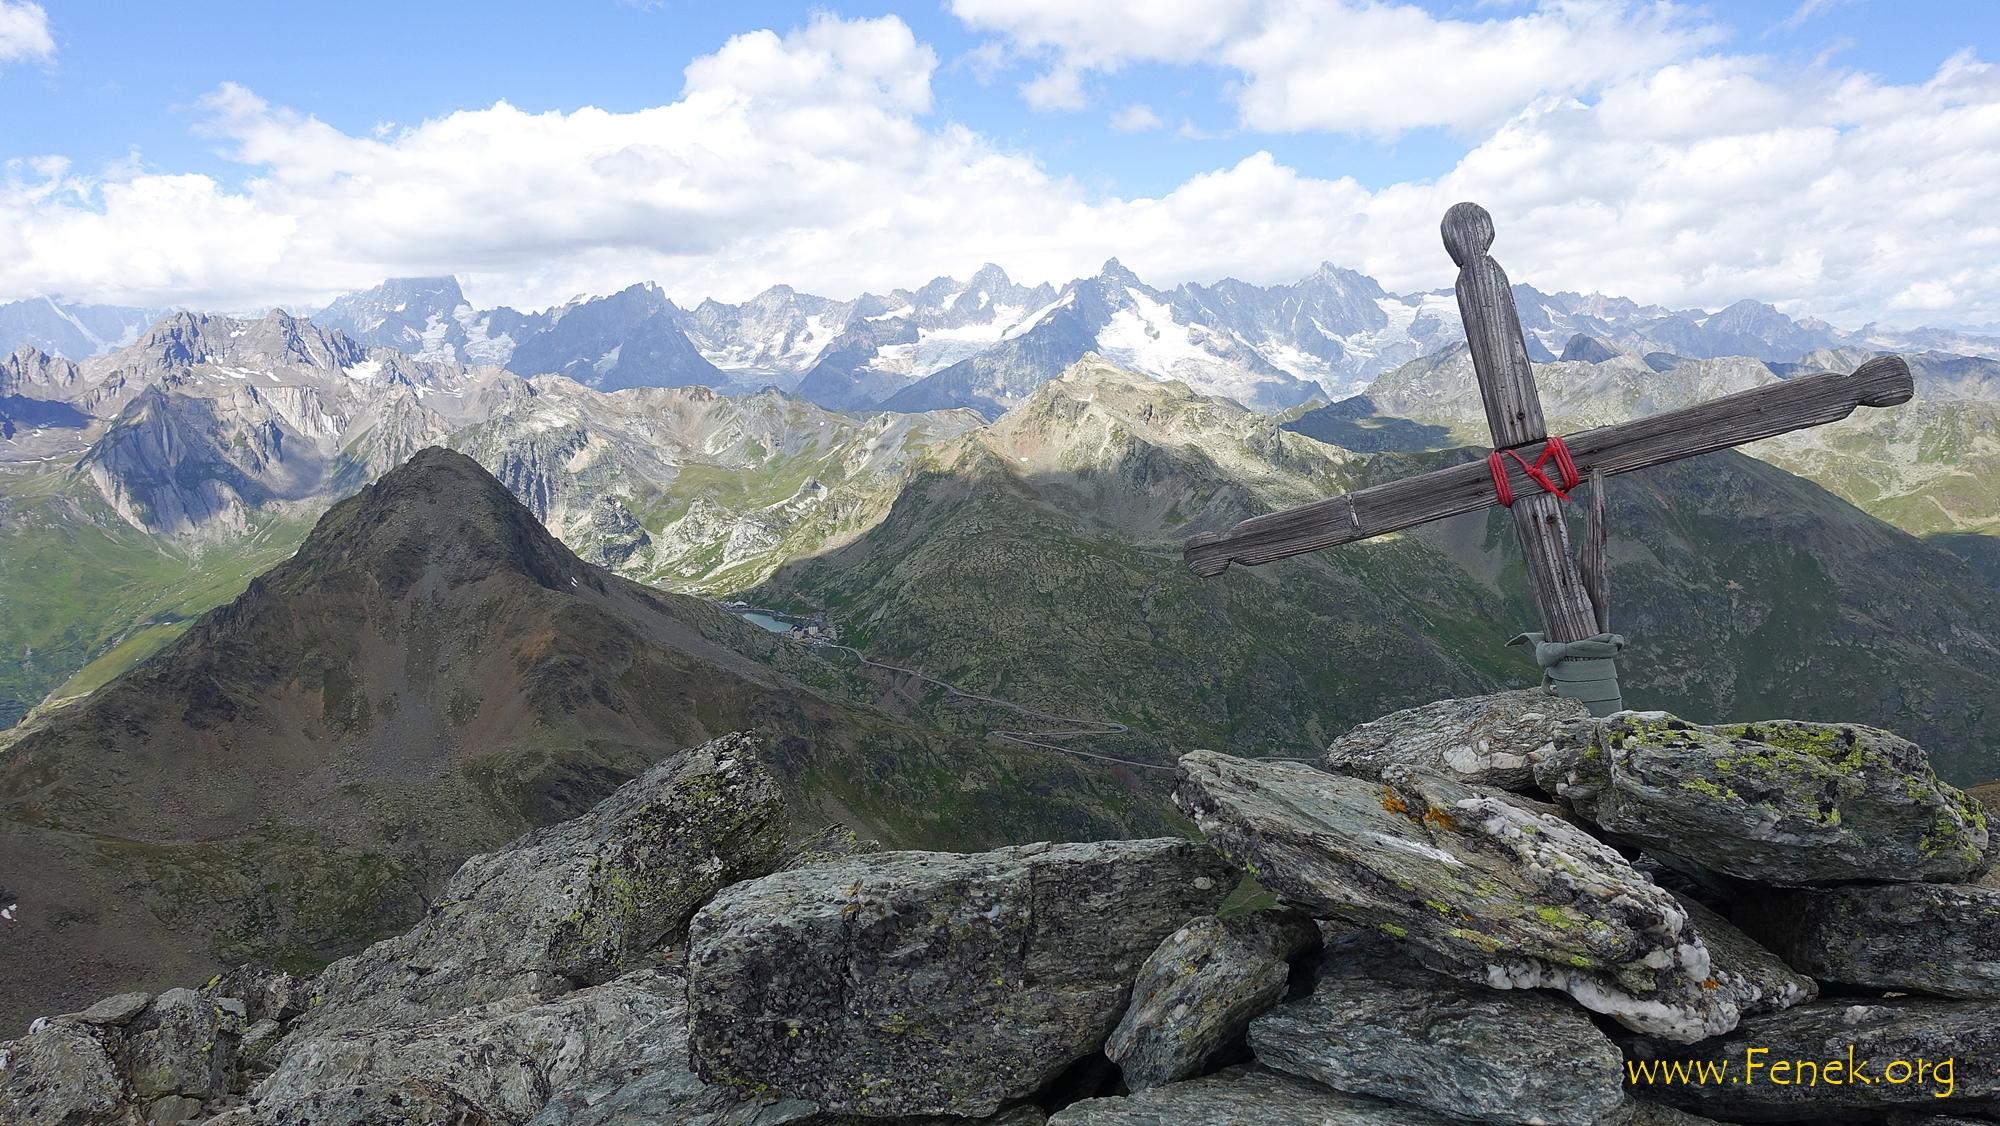 Blick zum Hospiz und letzten Gipfel des Tages - Mont Mort